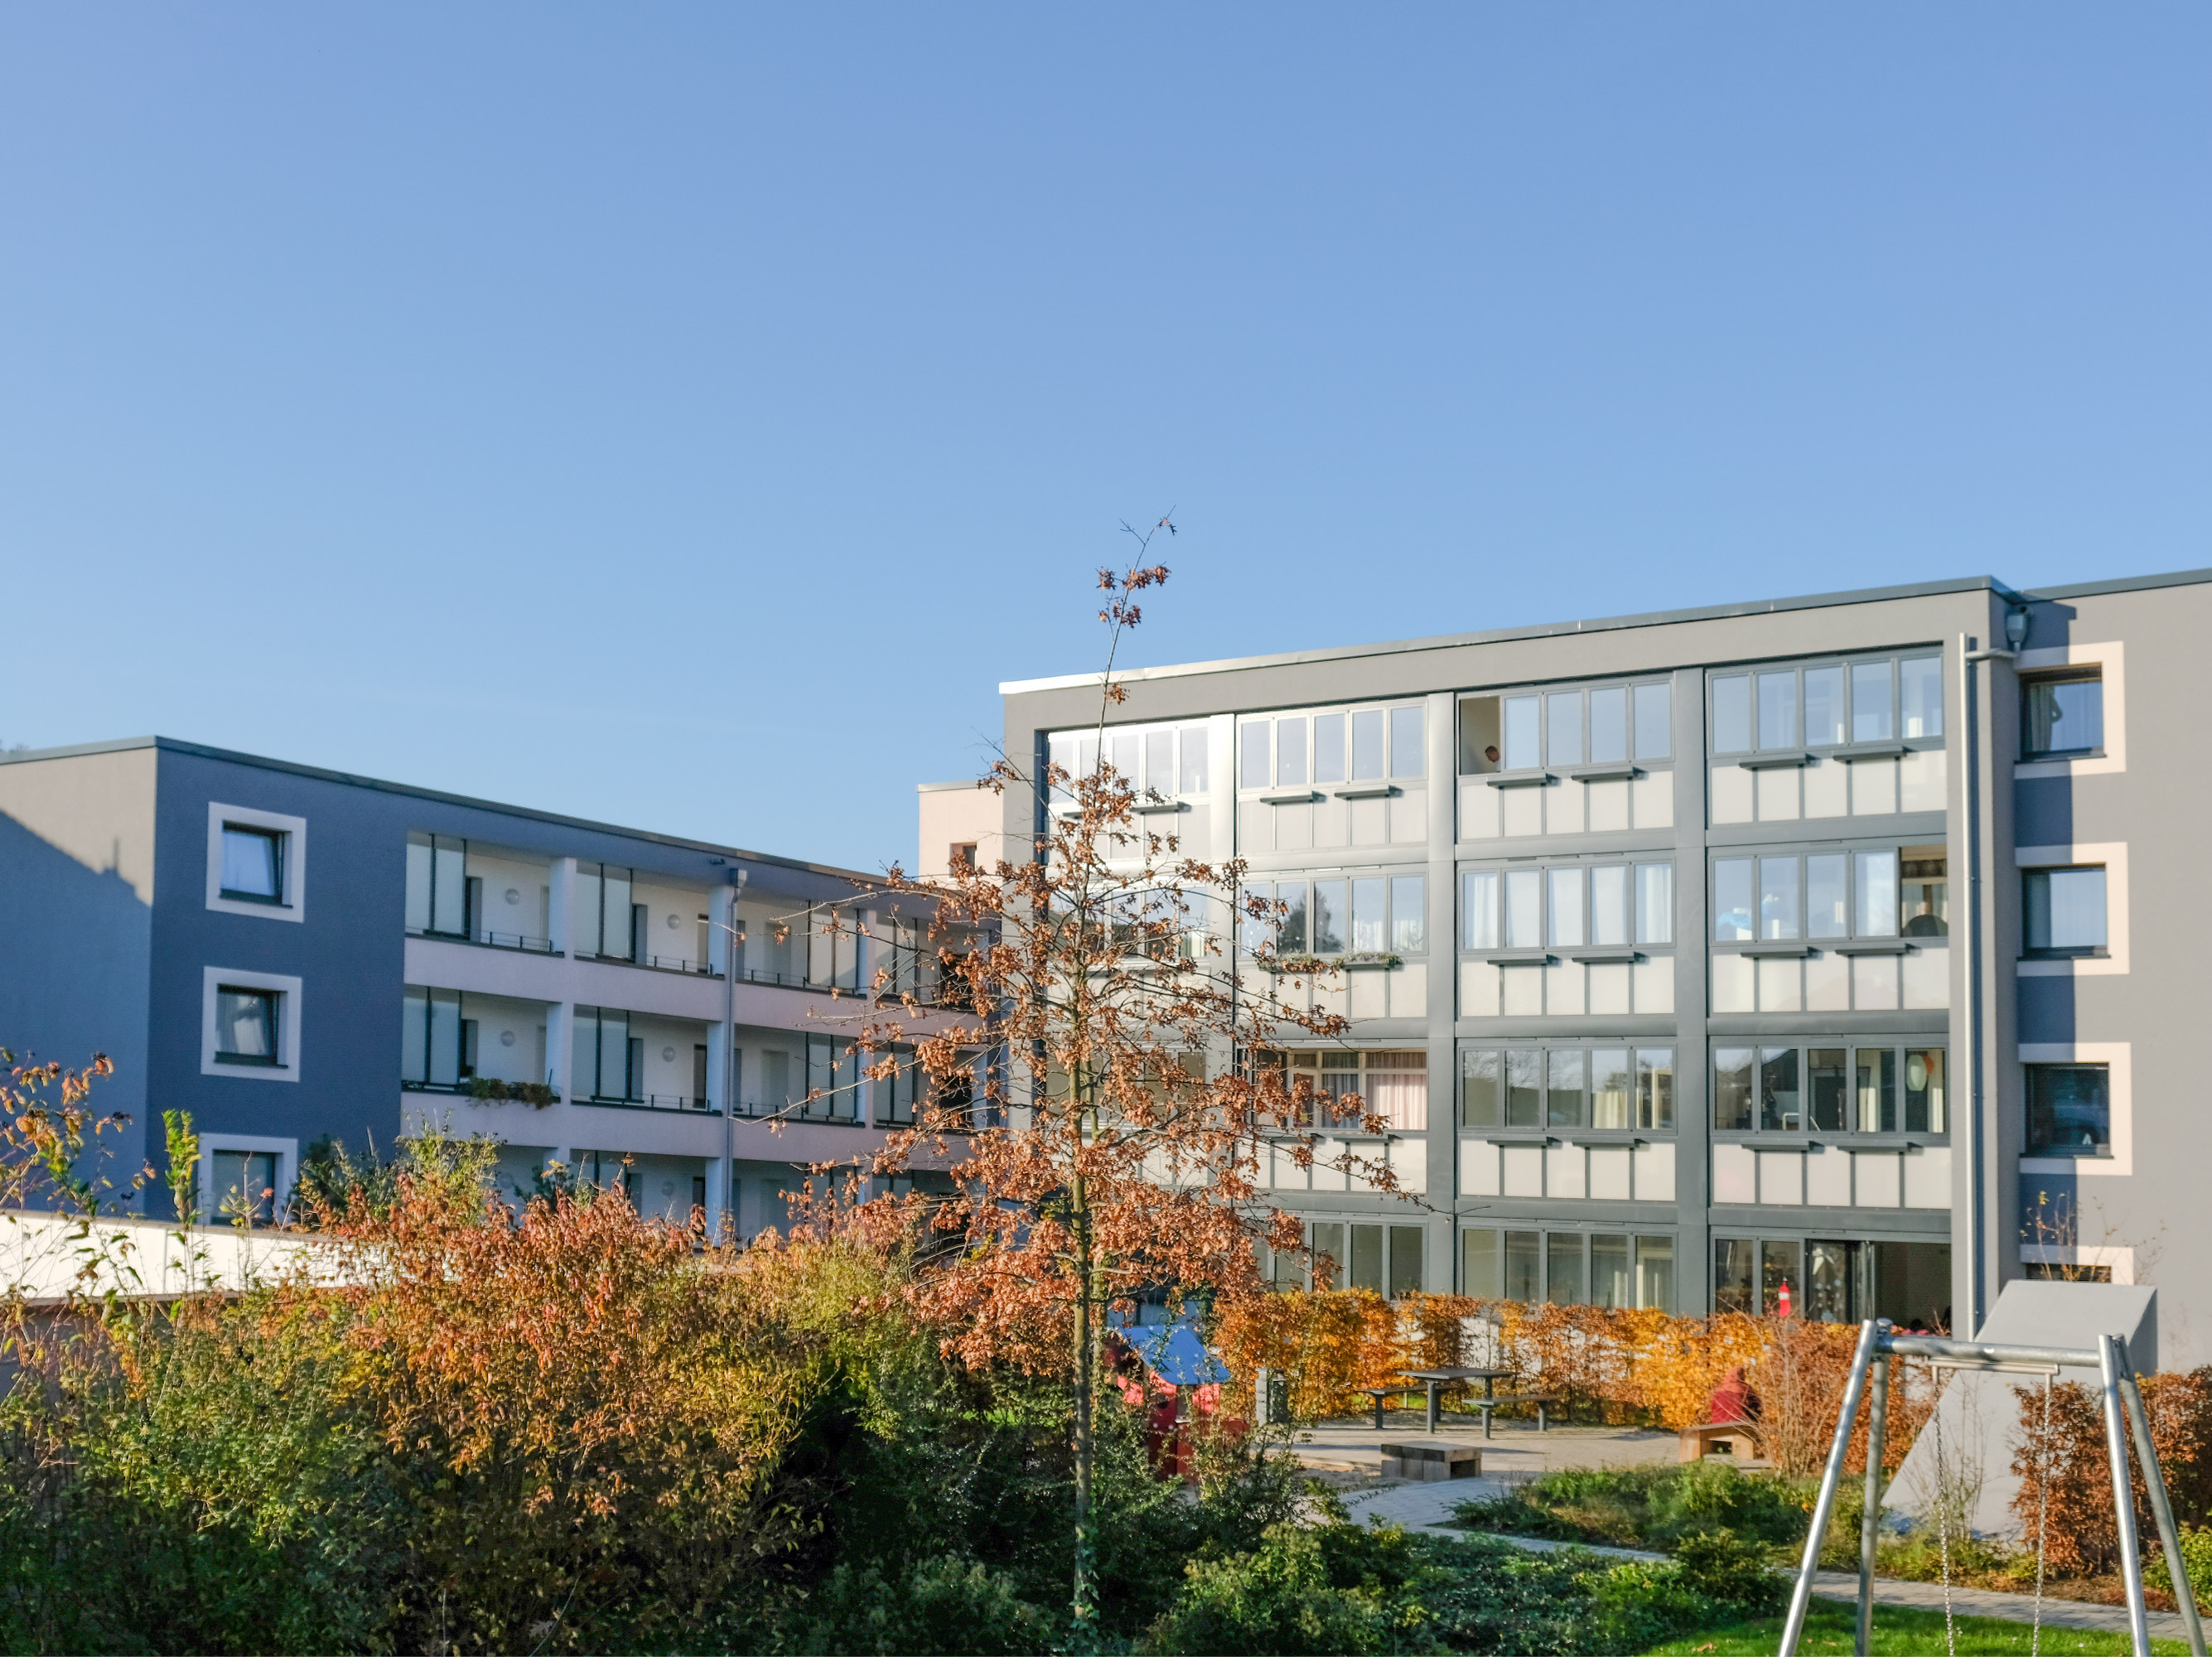 Kappelerstraße - Buchenstraße, Düsseldorf